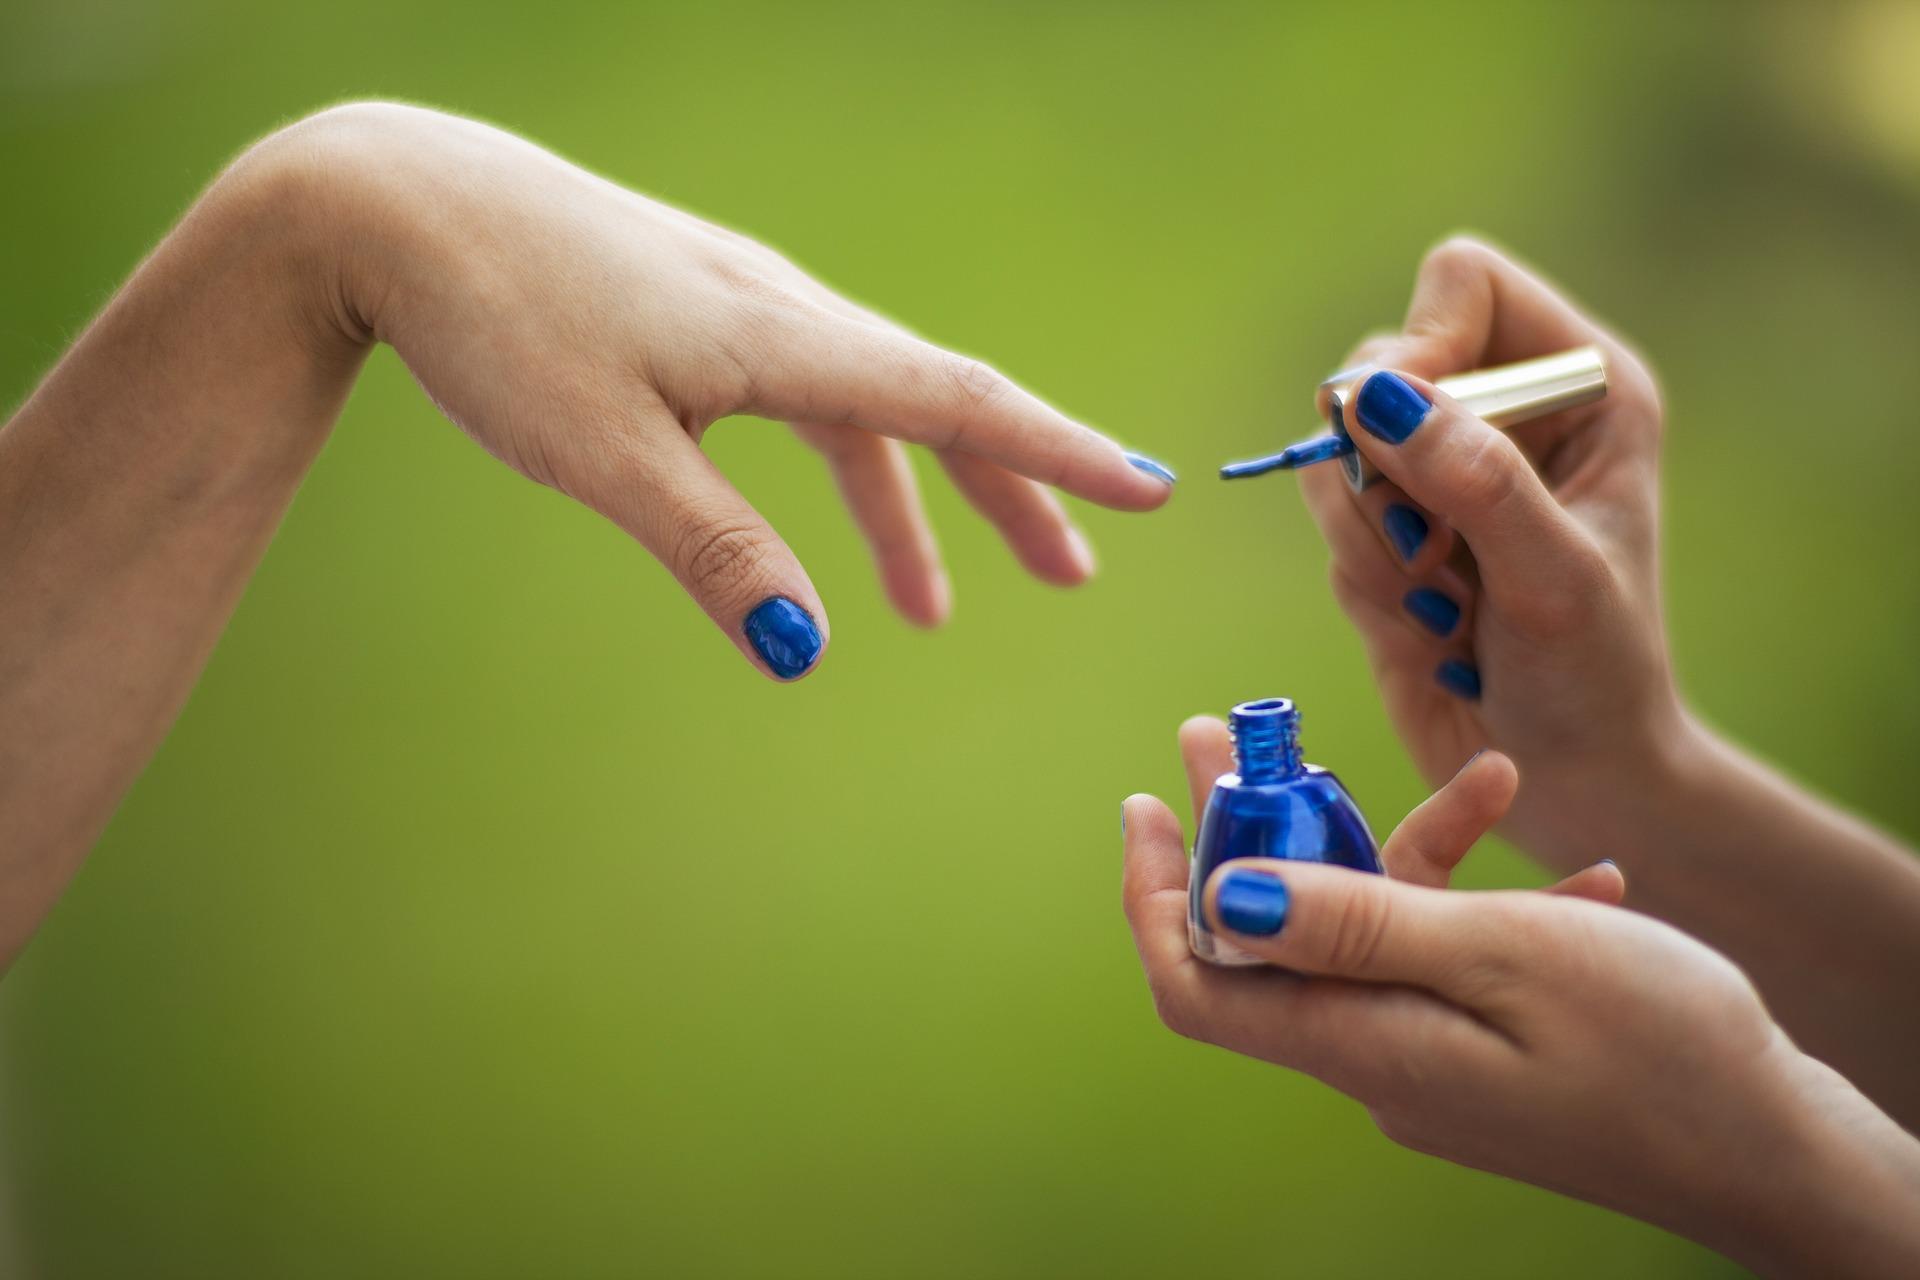 Manicure pintando as unhas de uma cliente com esmalte azul.